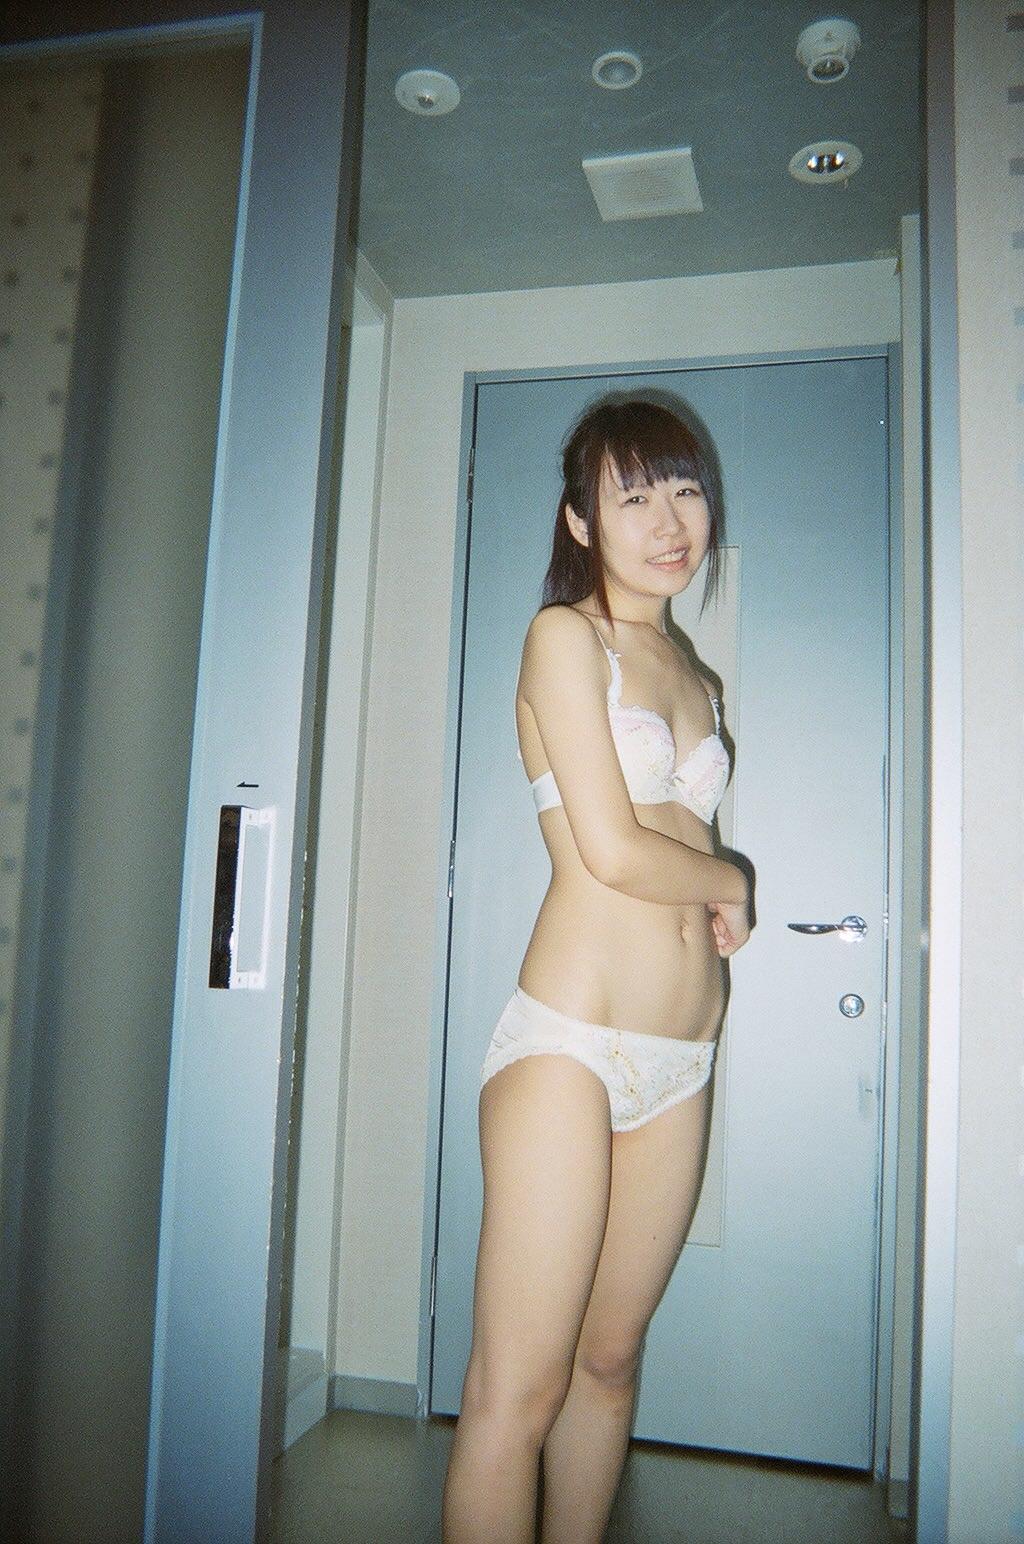 今まで付き合ってきた彼女の裸を特別にリベンジ公開するwww(ハメ撮りあり) 0933